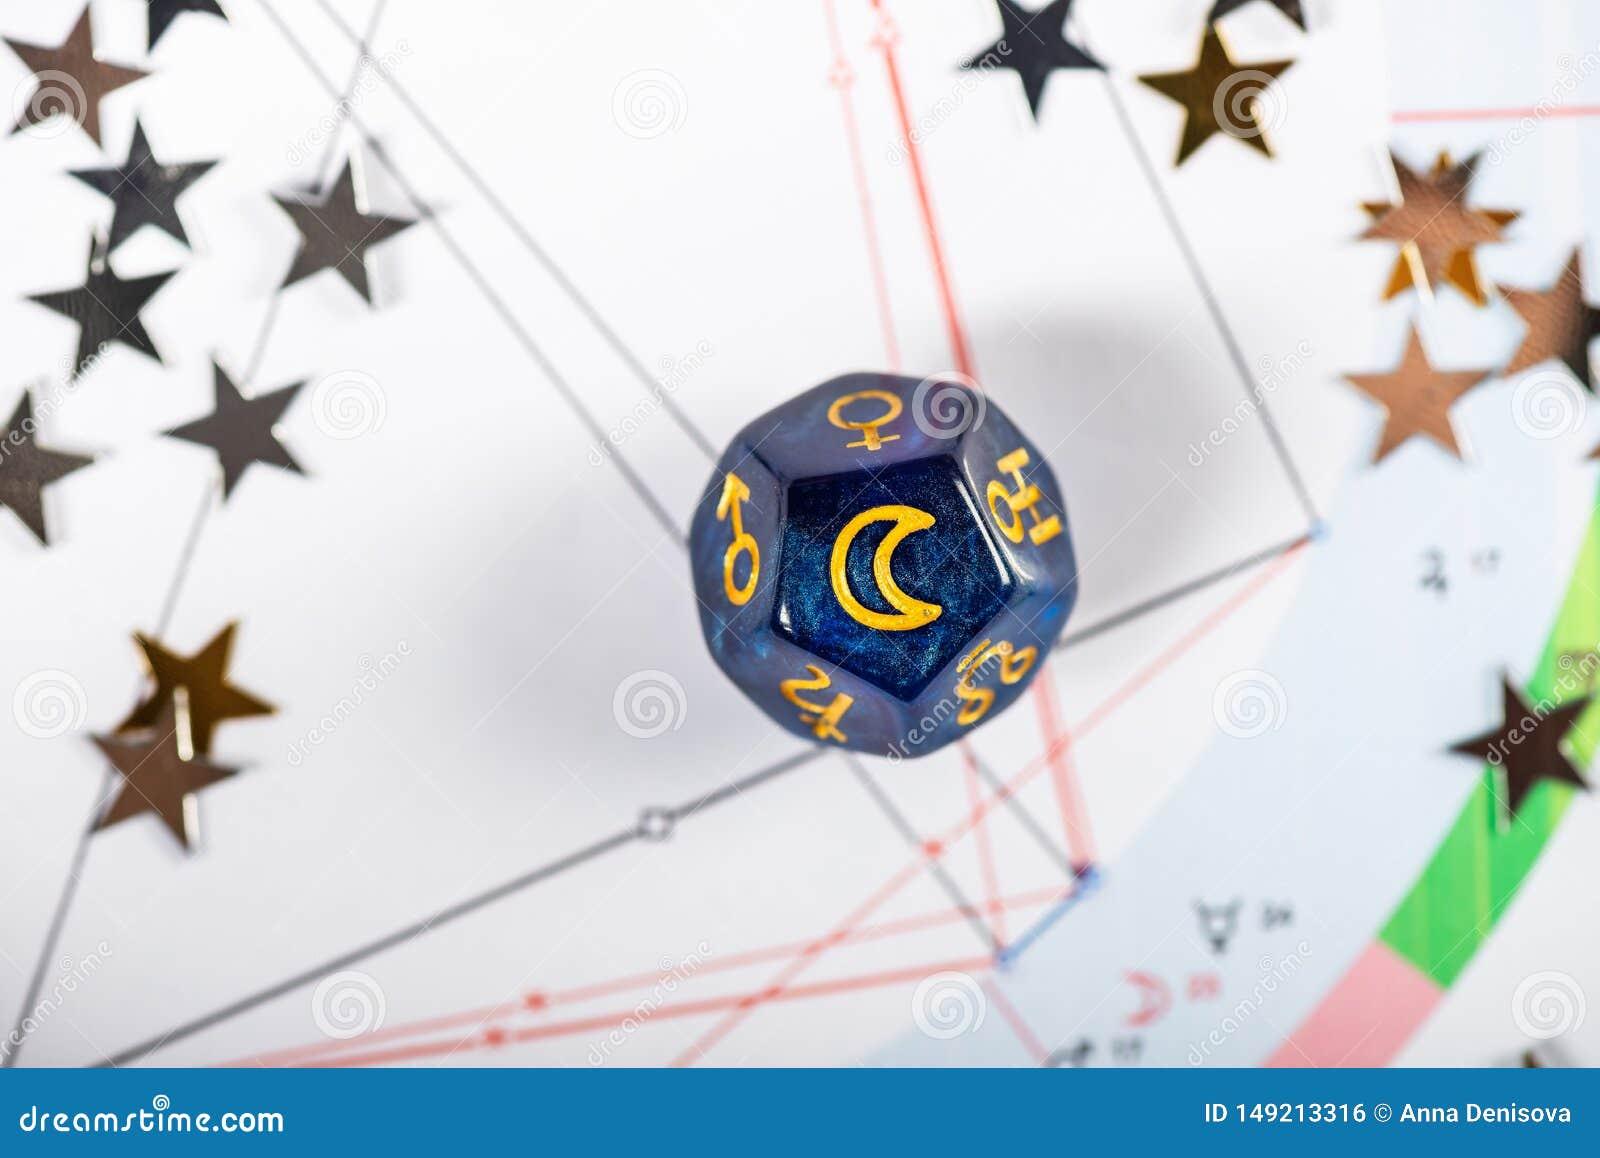 De astrologie dobbelt met symbool van de Maan